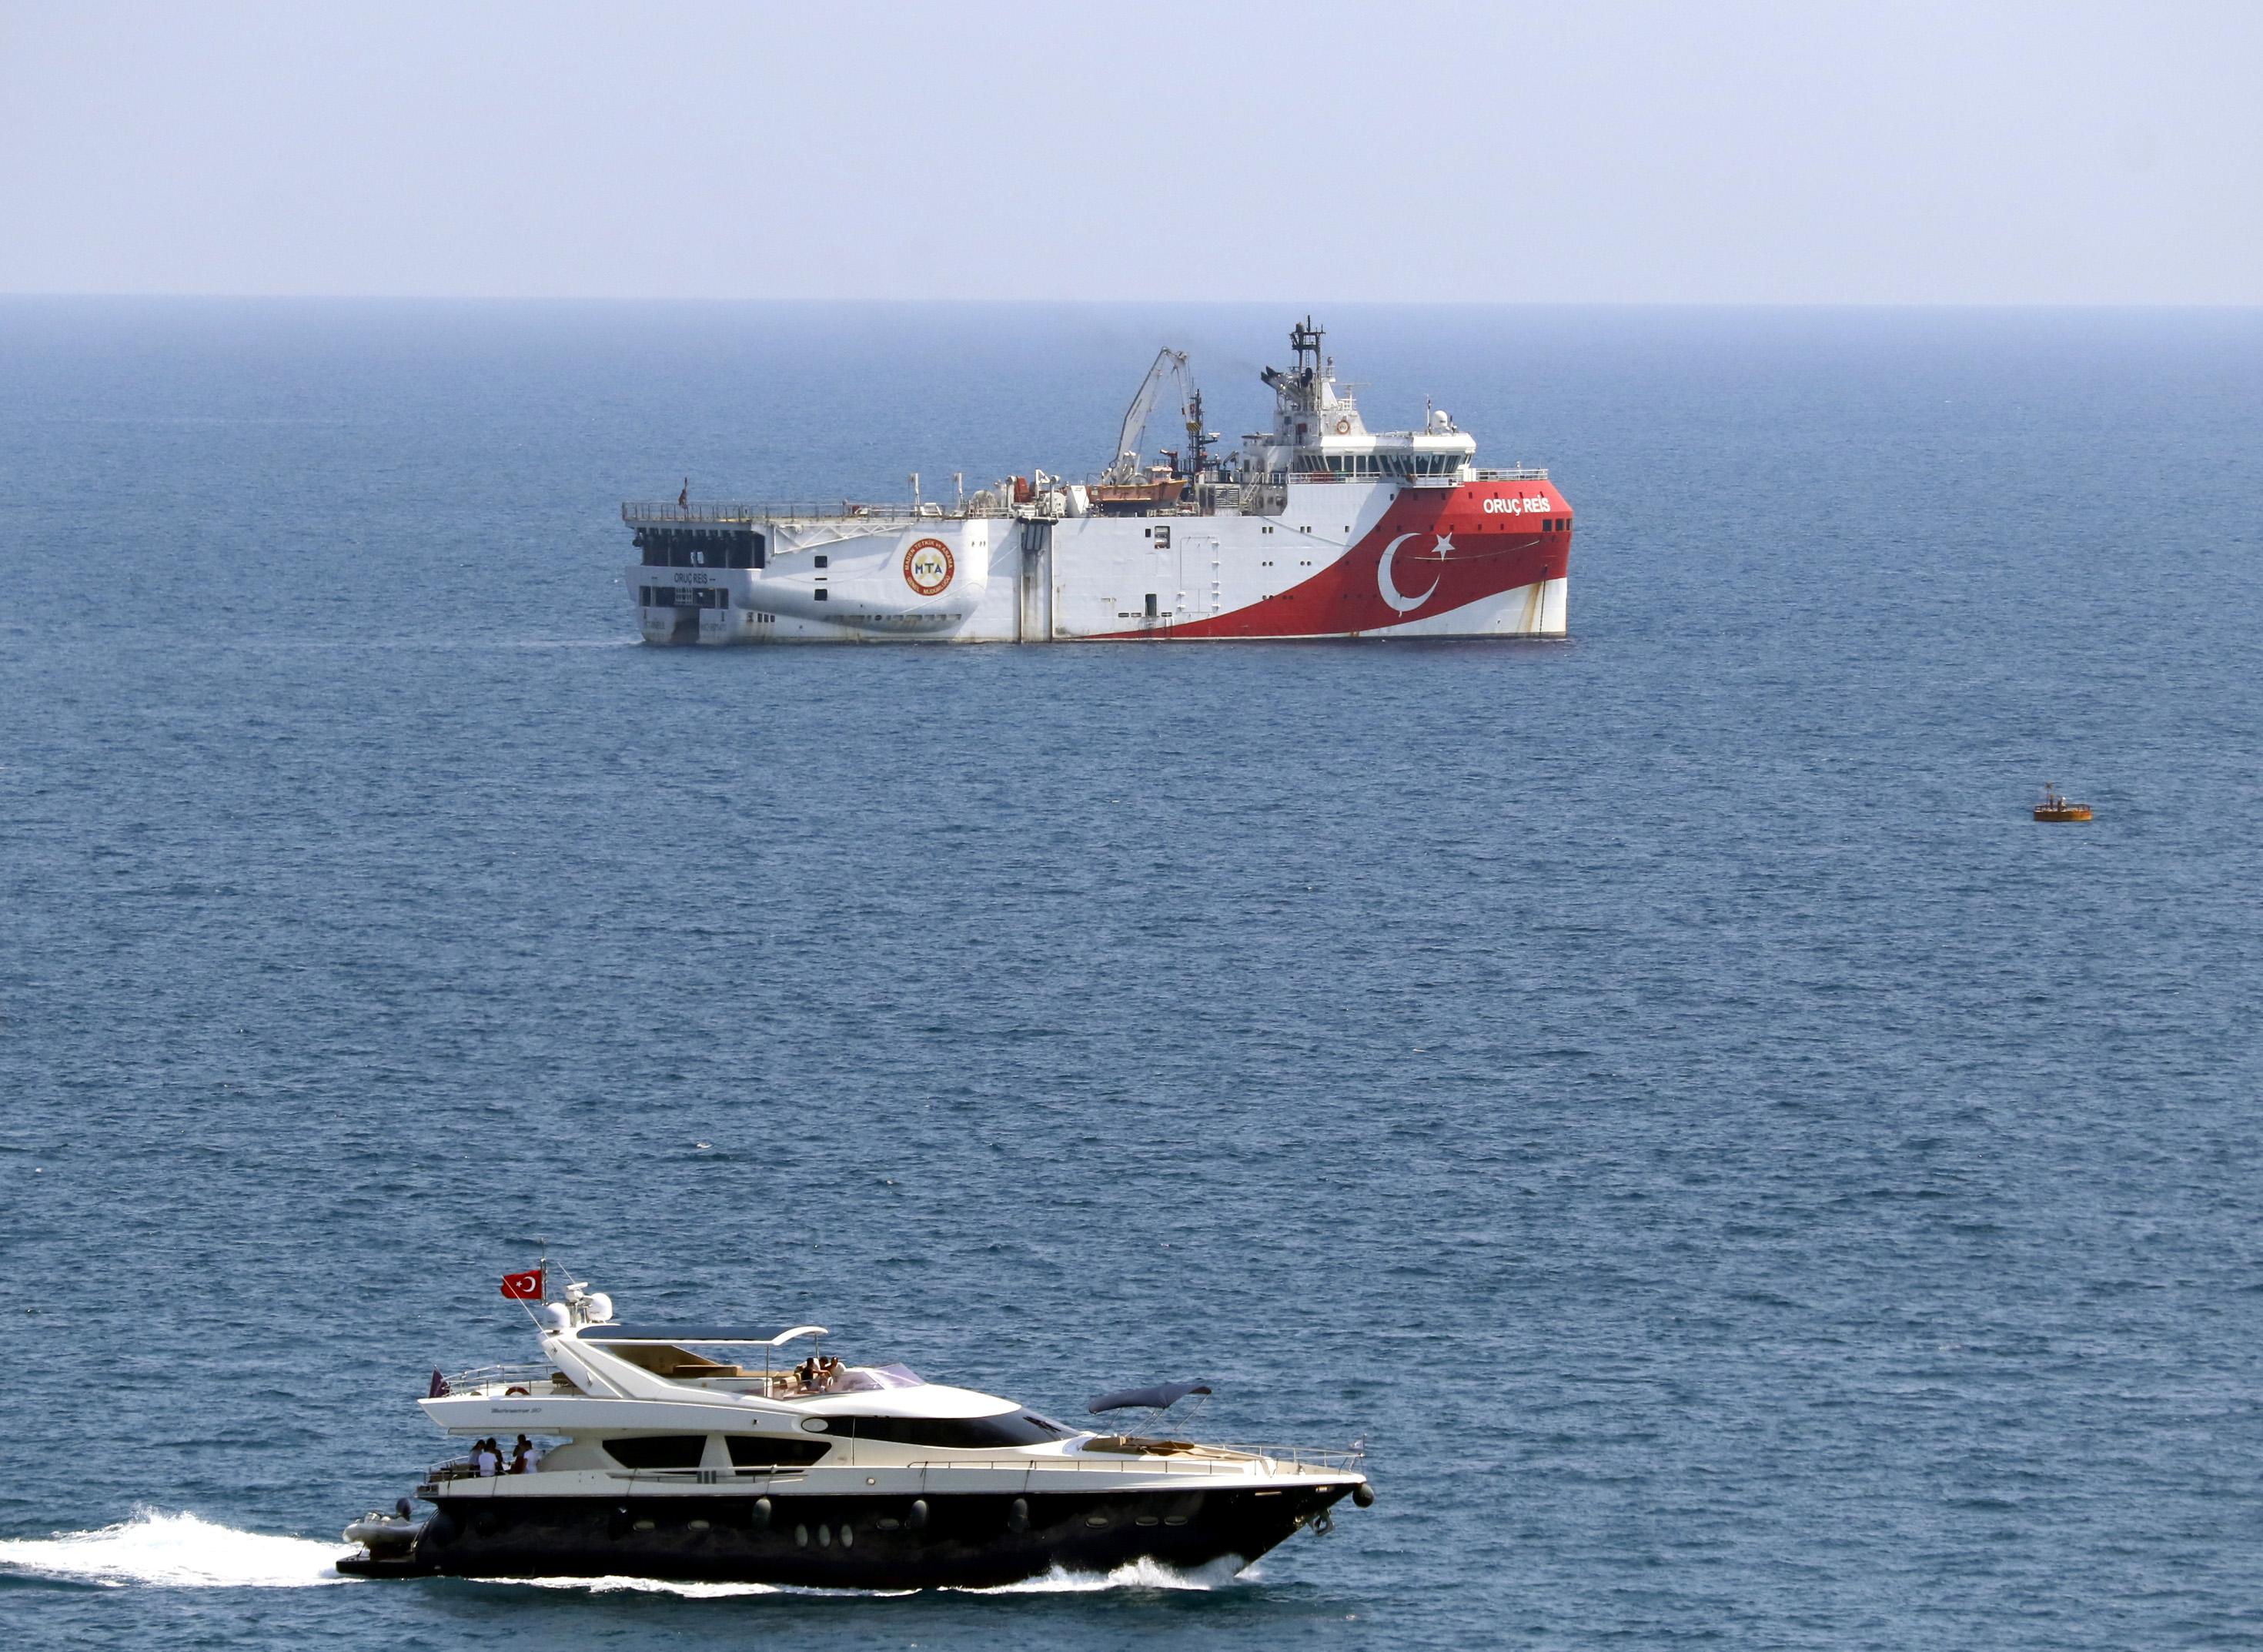 Dışişleri Bakanı Çavuşoğlu: 'Doğu Akdeniz'de Geri Adım Atmadık, Oruç Reis Bakım İçin Limana Çekildi'